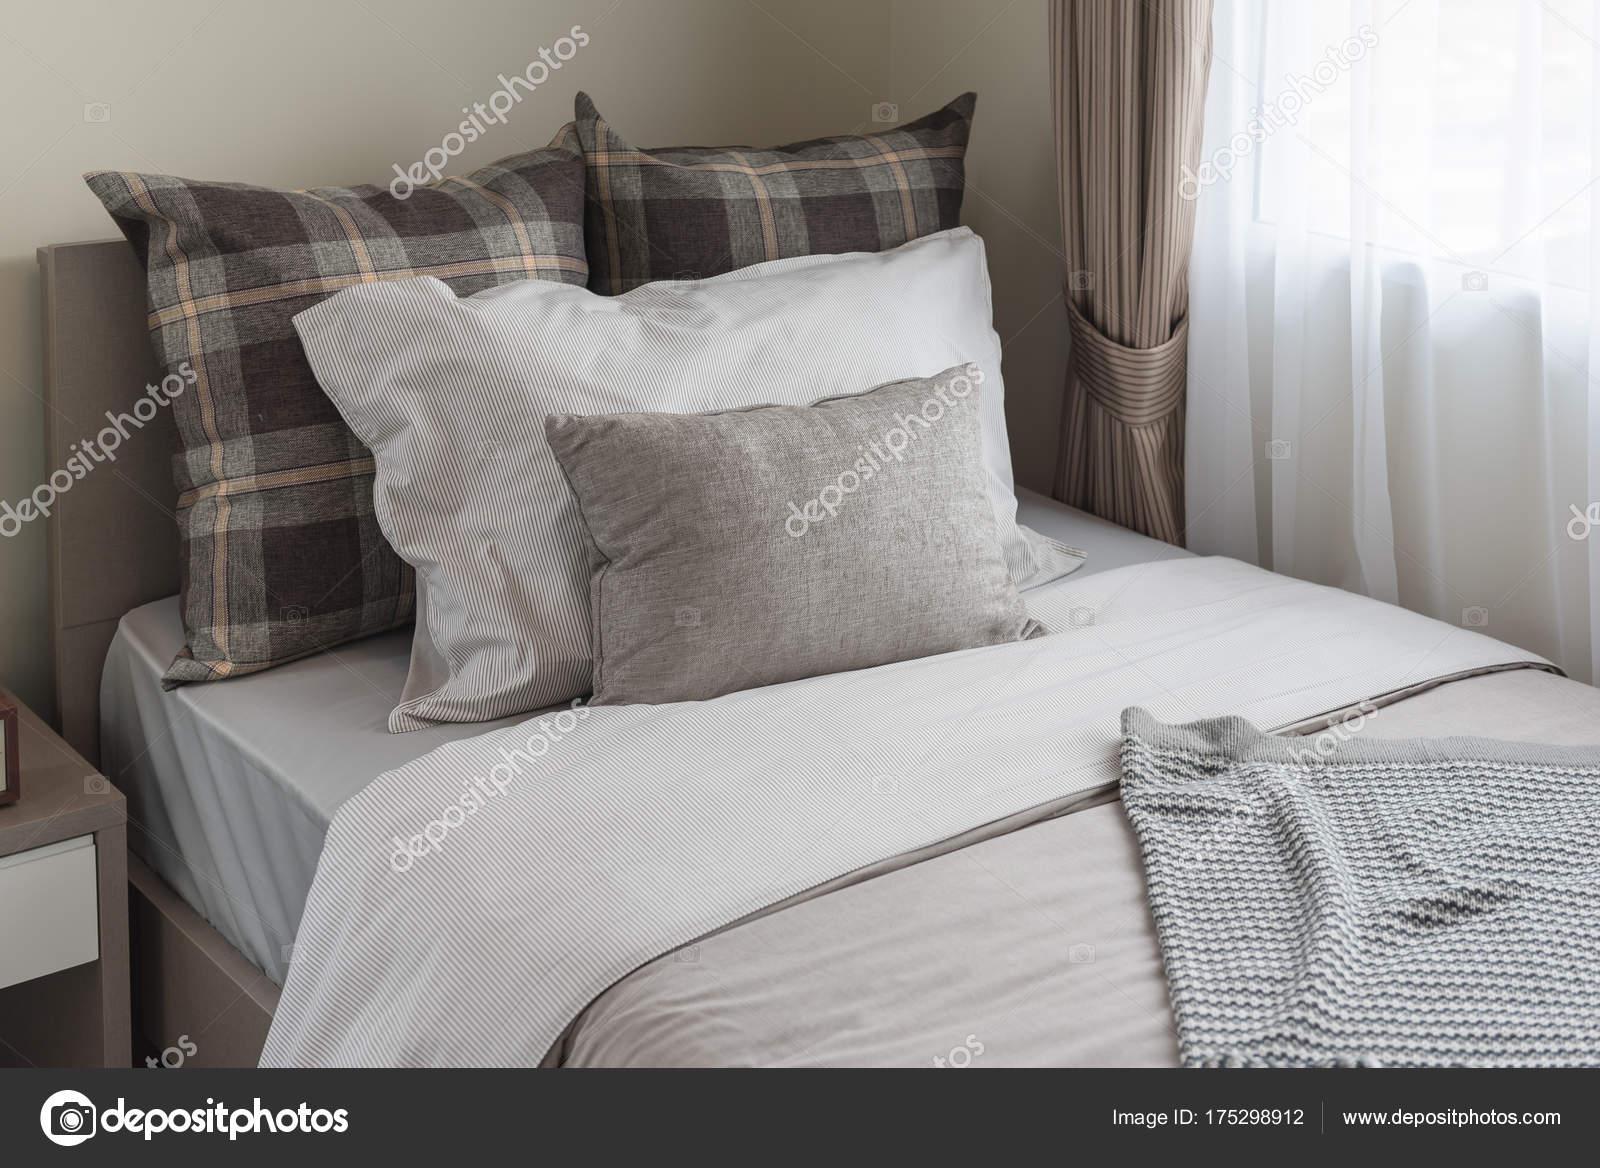 stile moderno camera da letto con letto singolo — Foto Stock ...